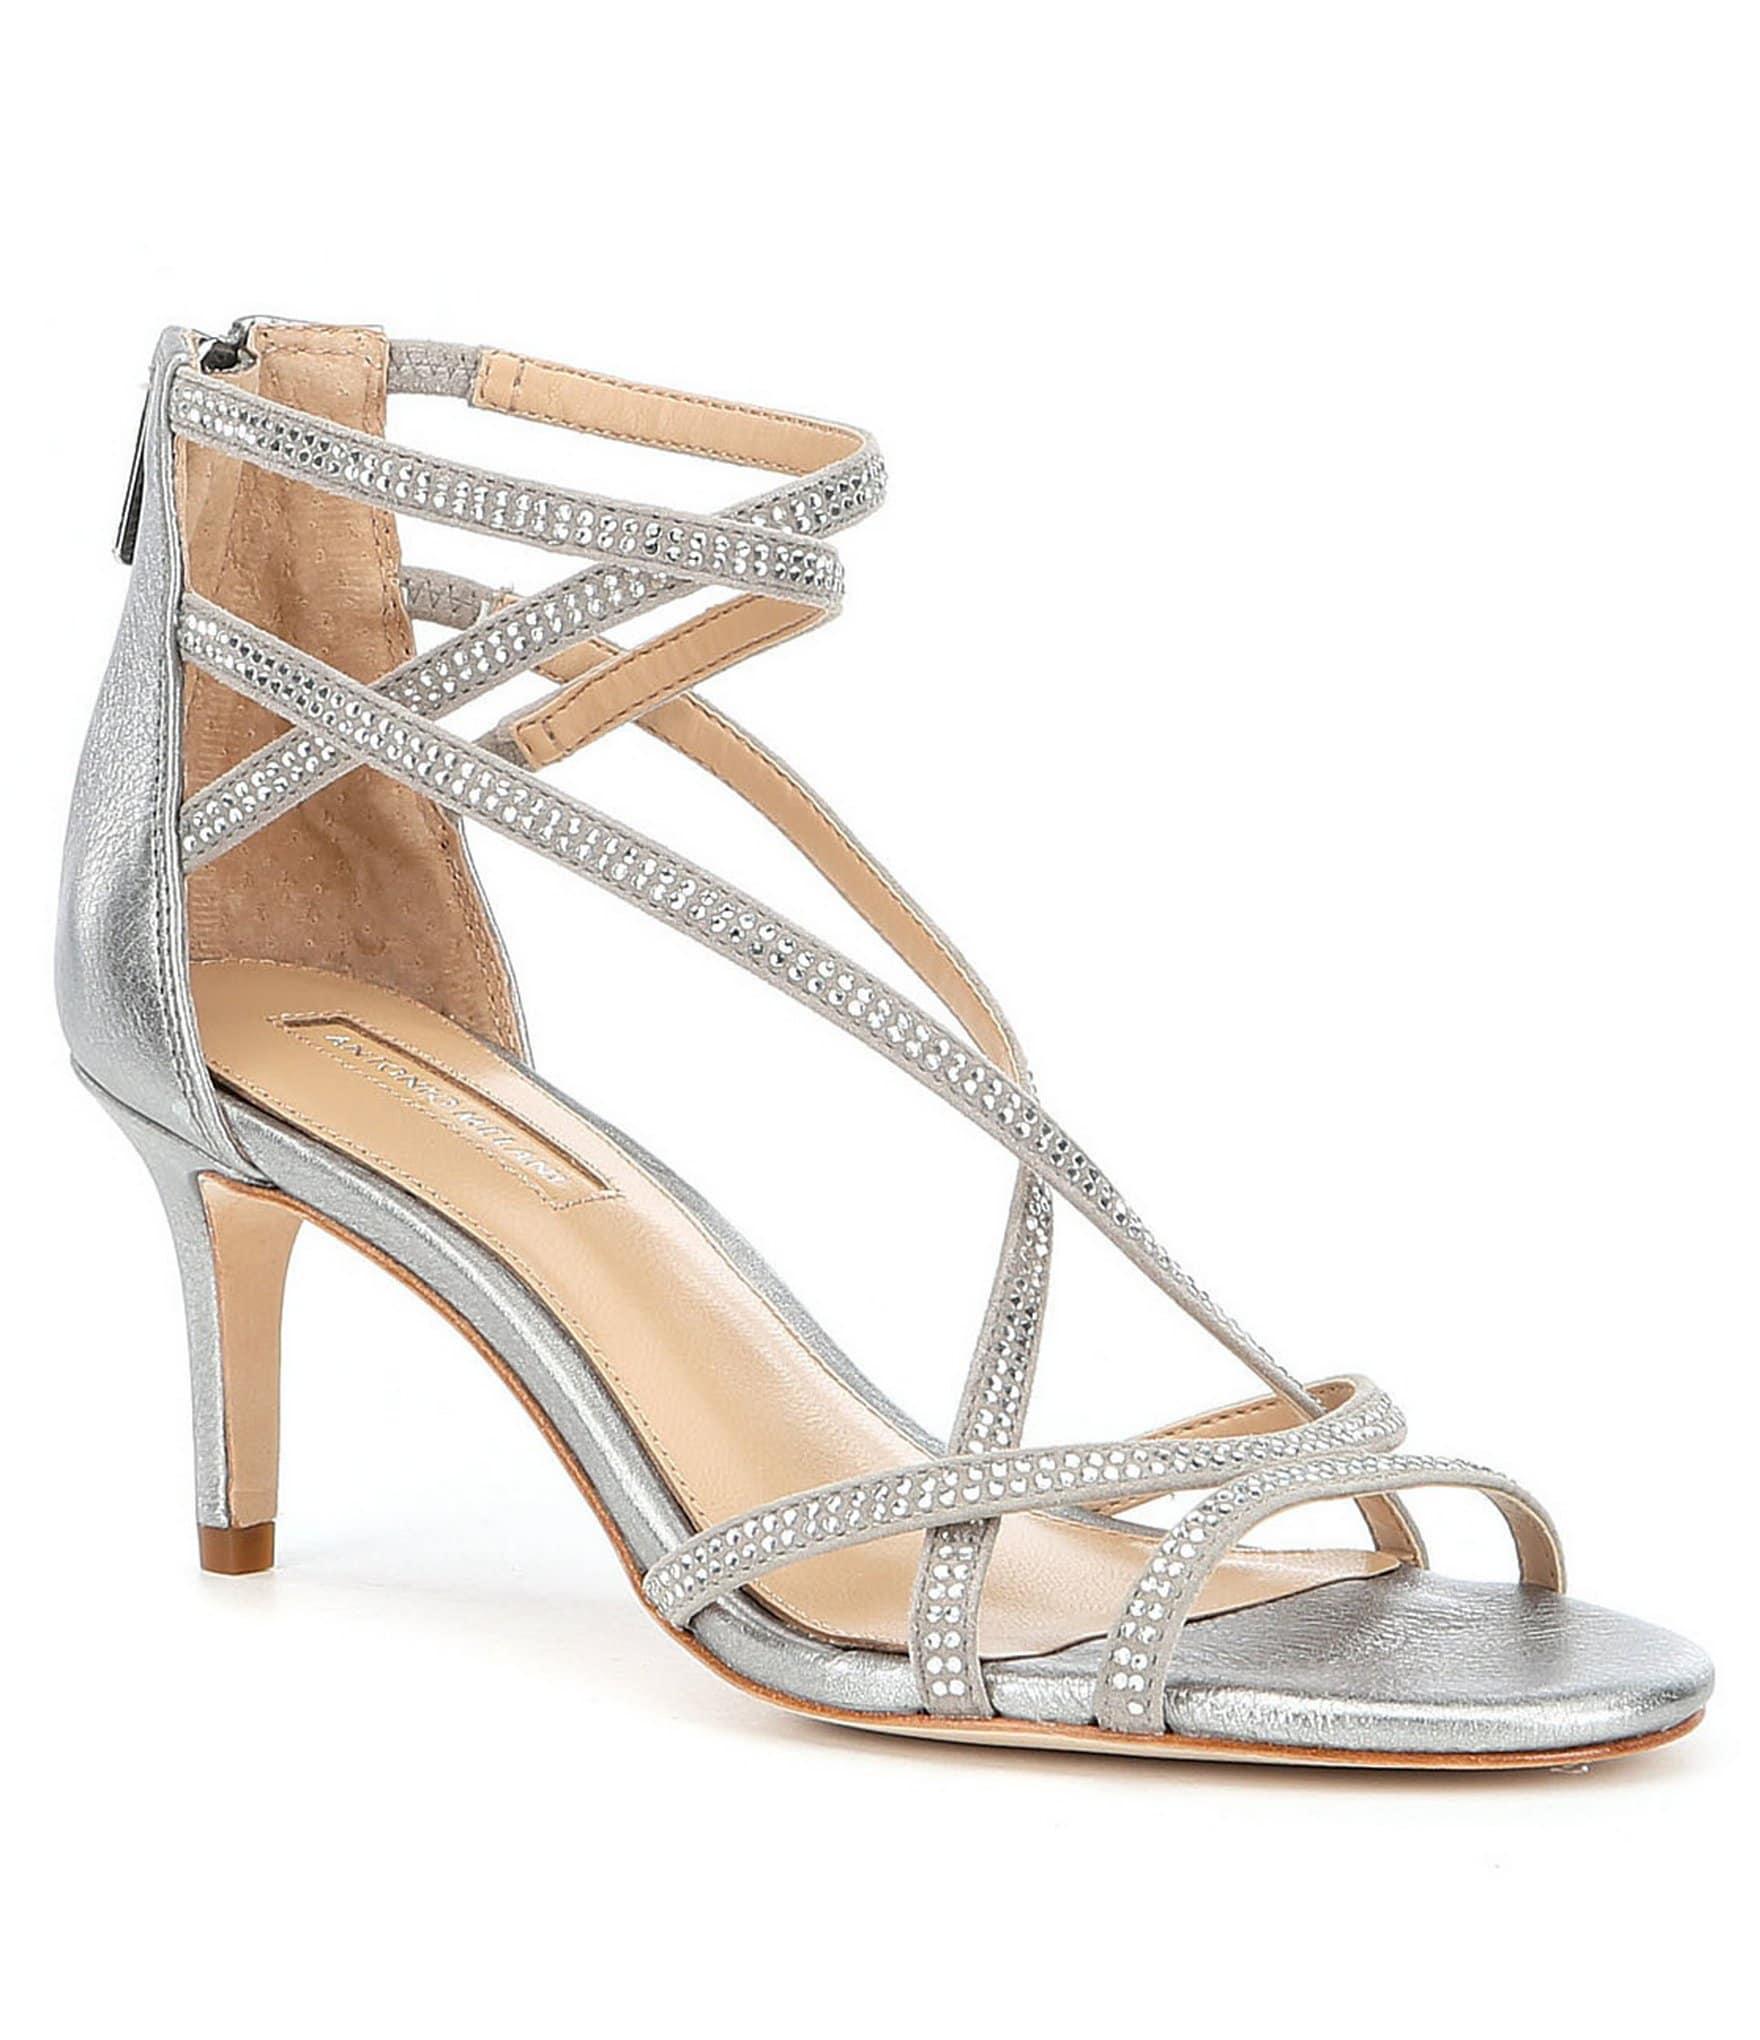 Flat rhinestone sandals for wedding - Flat Rhinestone Sandals For Wedding 20